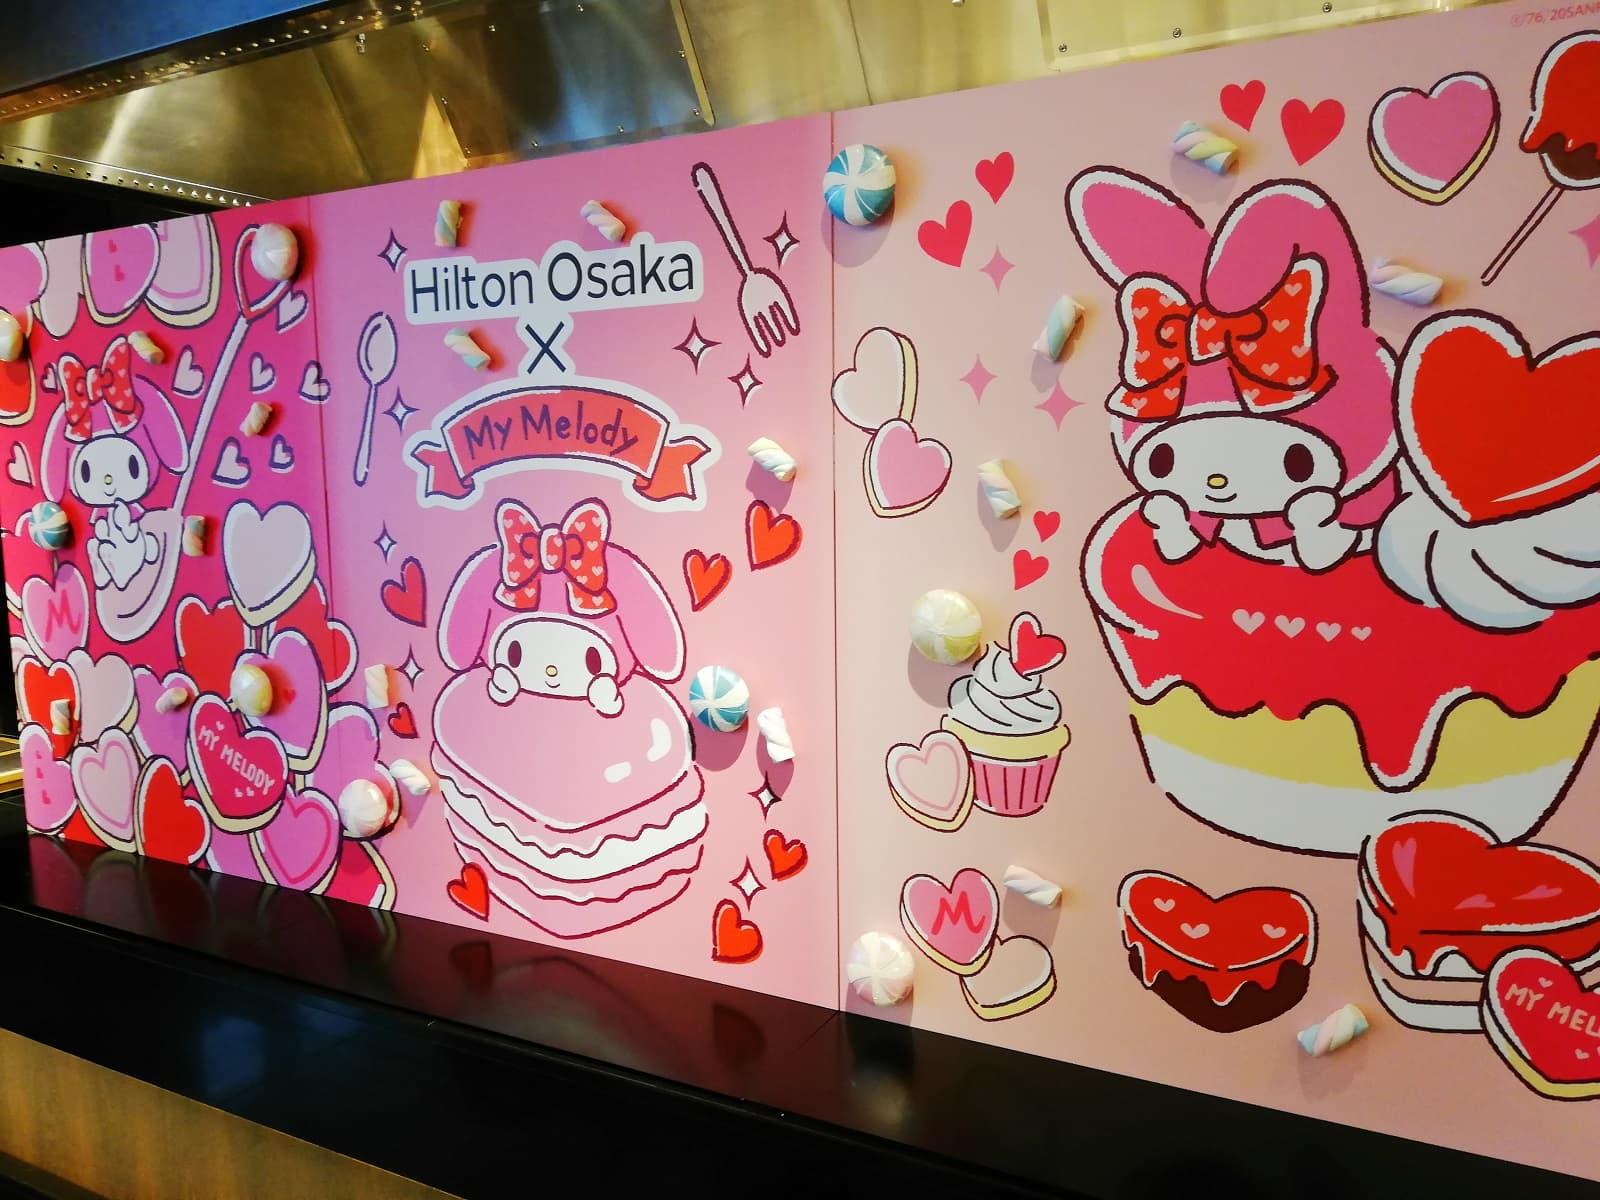 Hilton Osaka×My Melody